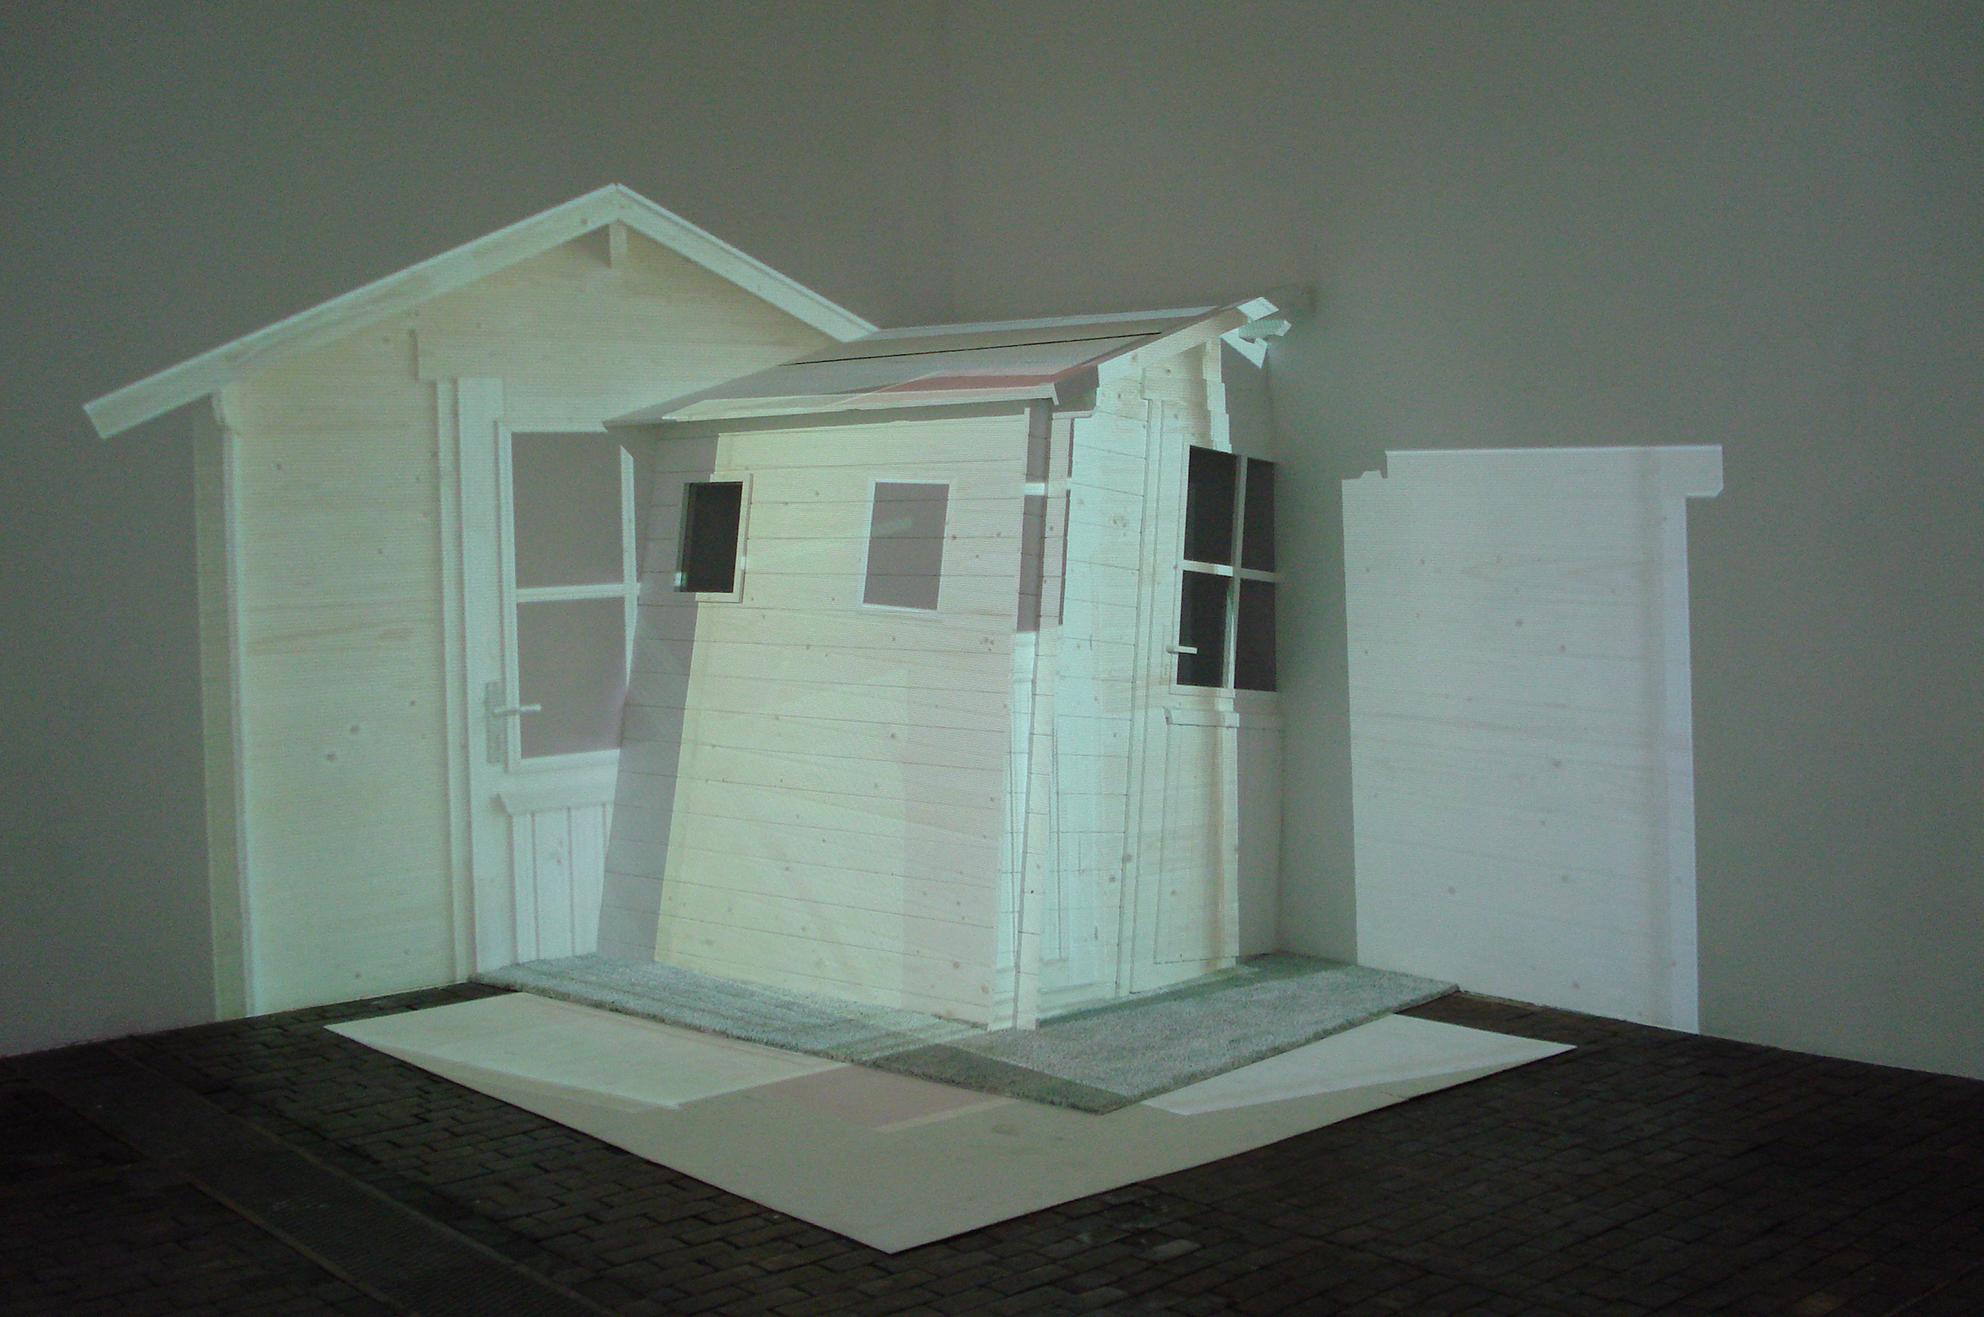 Genève, artistes et créateurs d'aujourd'hui, Bourses Berthoud, Lissignol-Chevalier & Galland, Centre d'art contemporain, Genève, CH, 2006